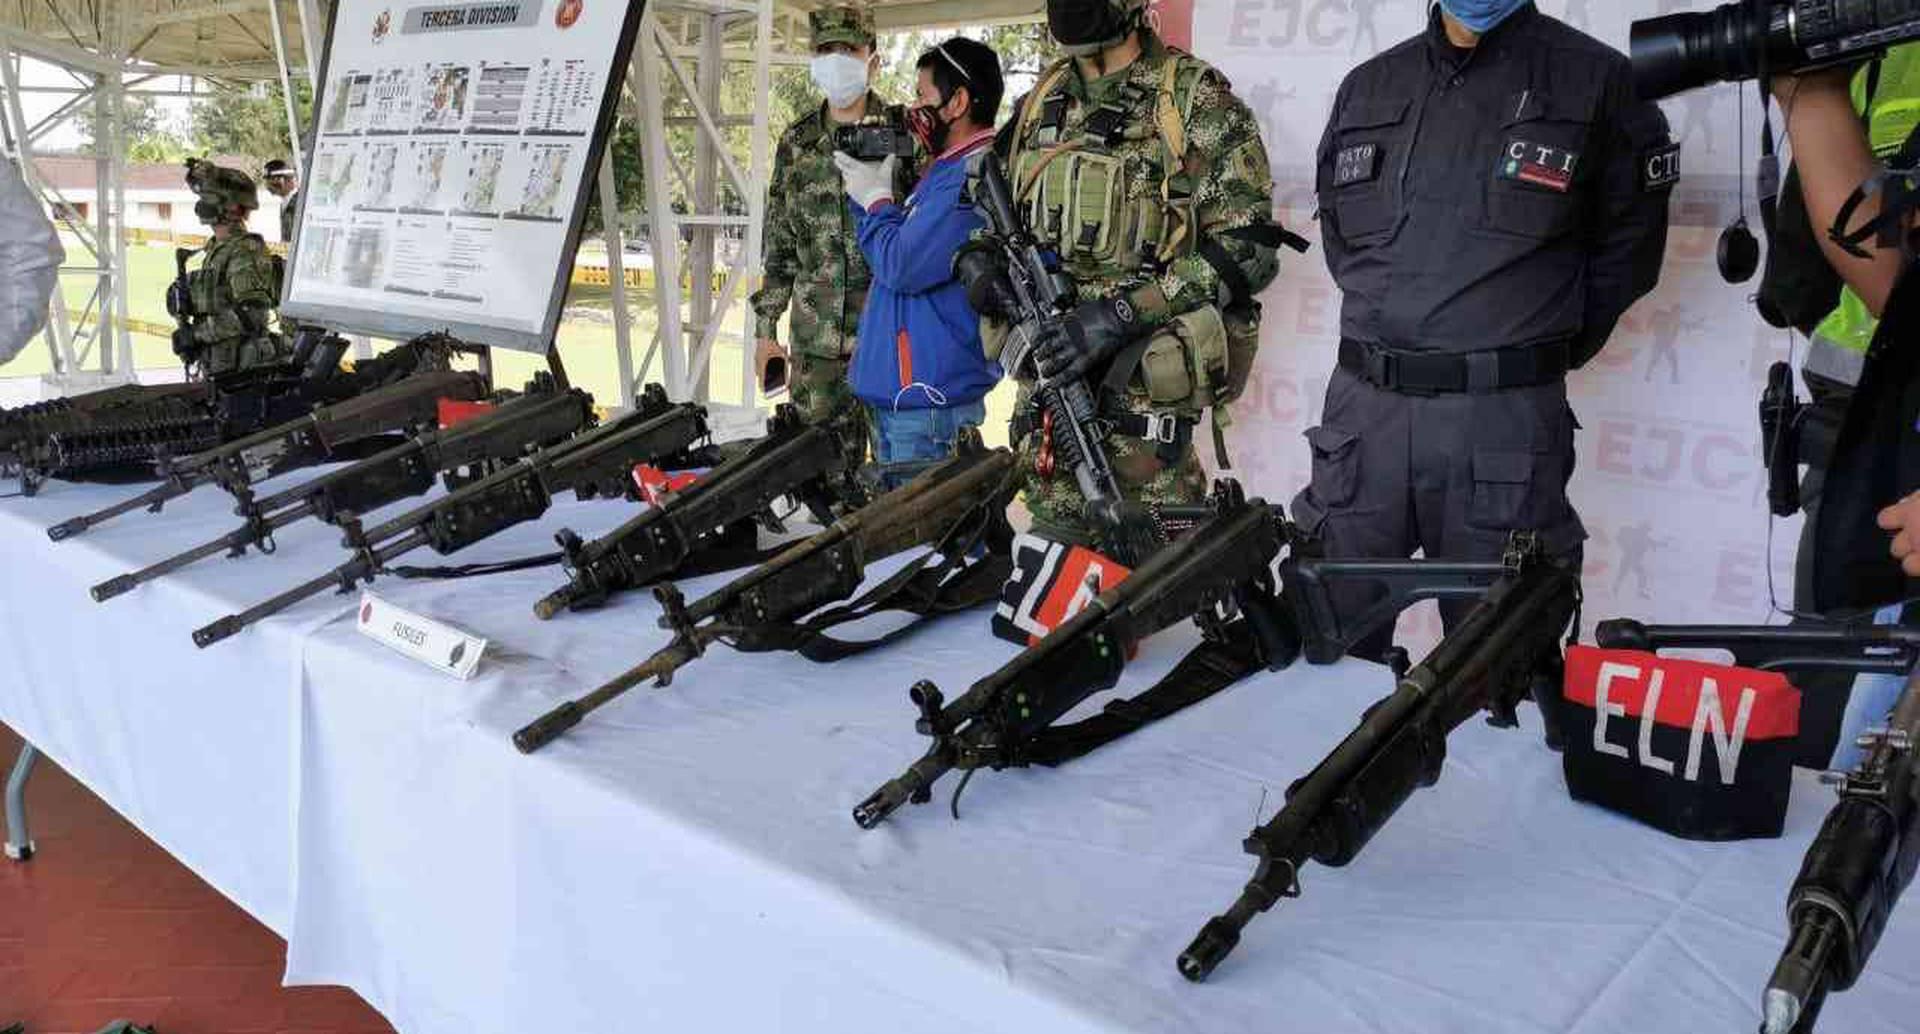 Un total de 47 integrantes de la guerrilla se han desmovilizado, desde el pasado mes de abril, de acuerdo con cifras de la entidad. Foto de archivo.